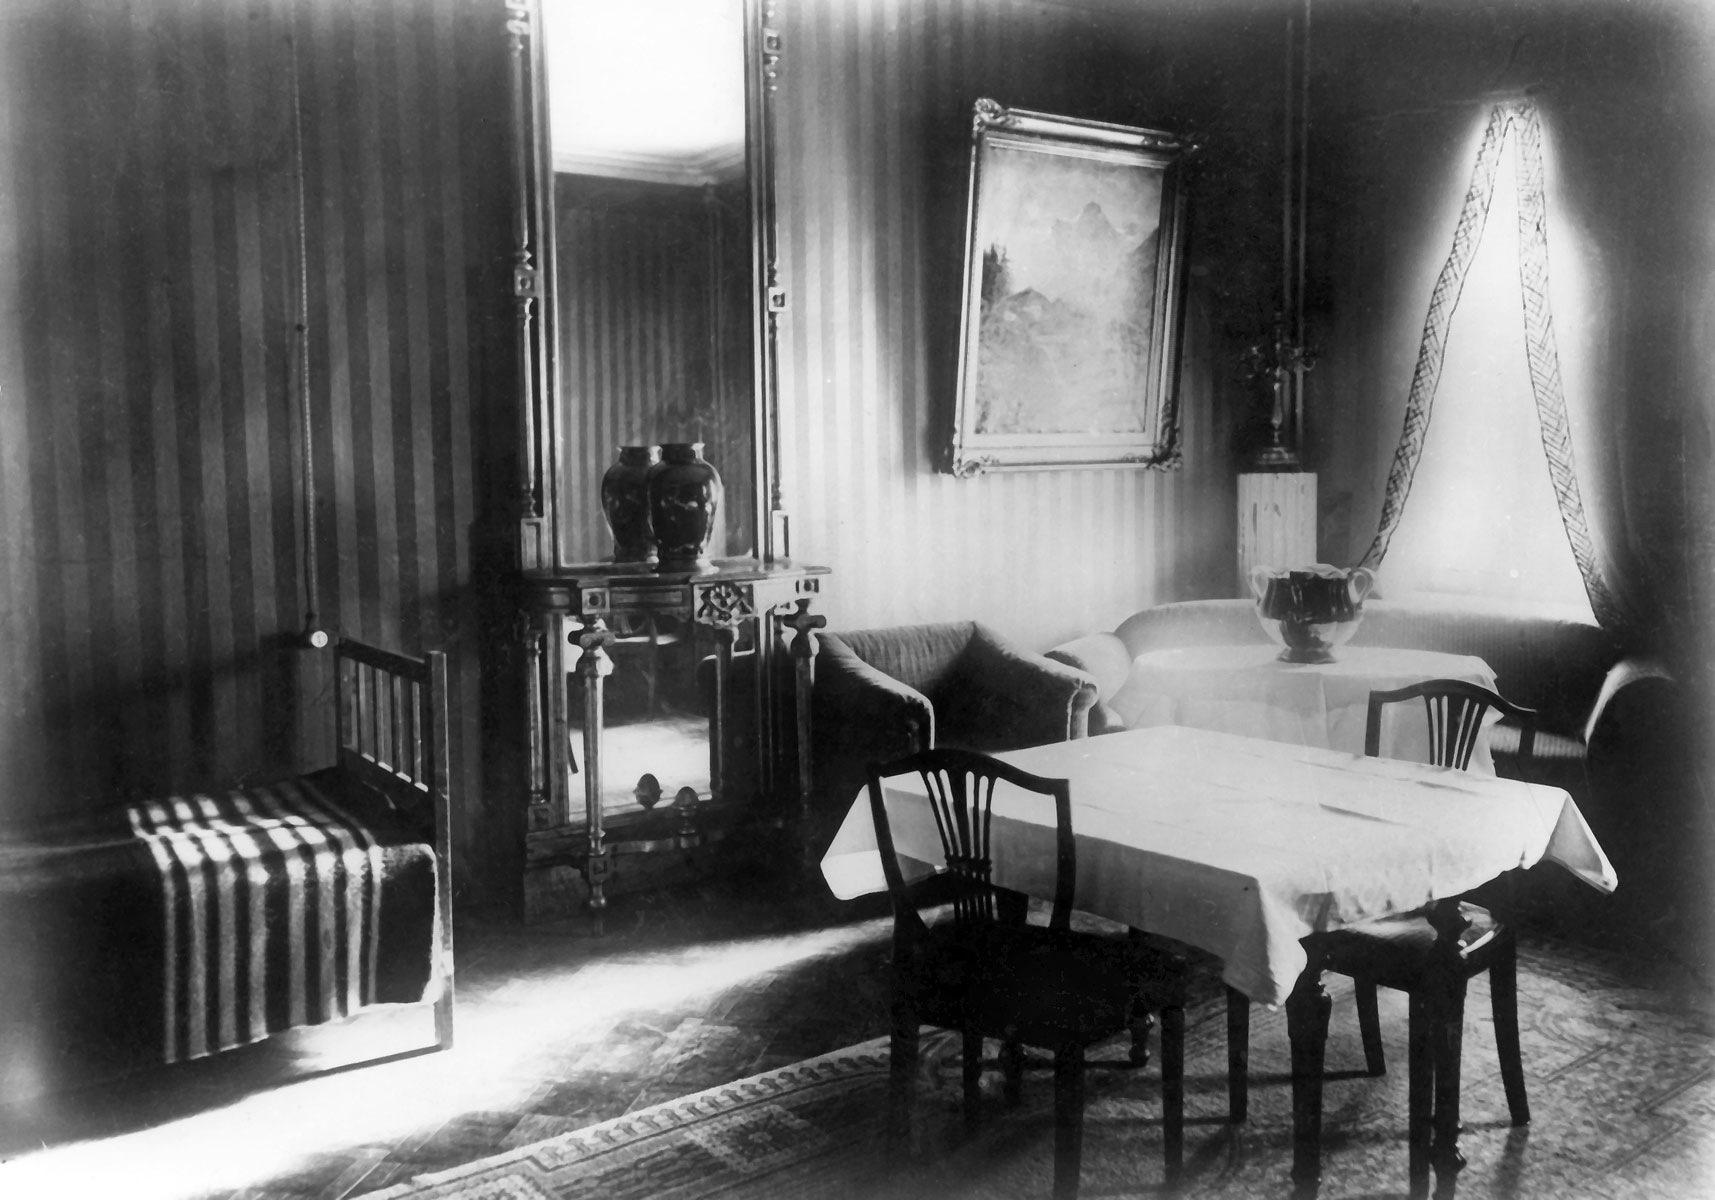 Фотография номера №5 гостиницы «Англетер», сделанные по просьбе С. А. Толстой в начале 1926 года